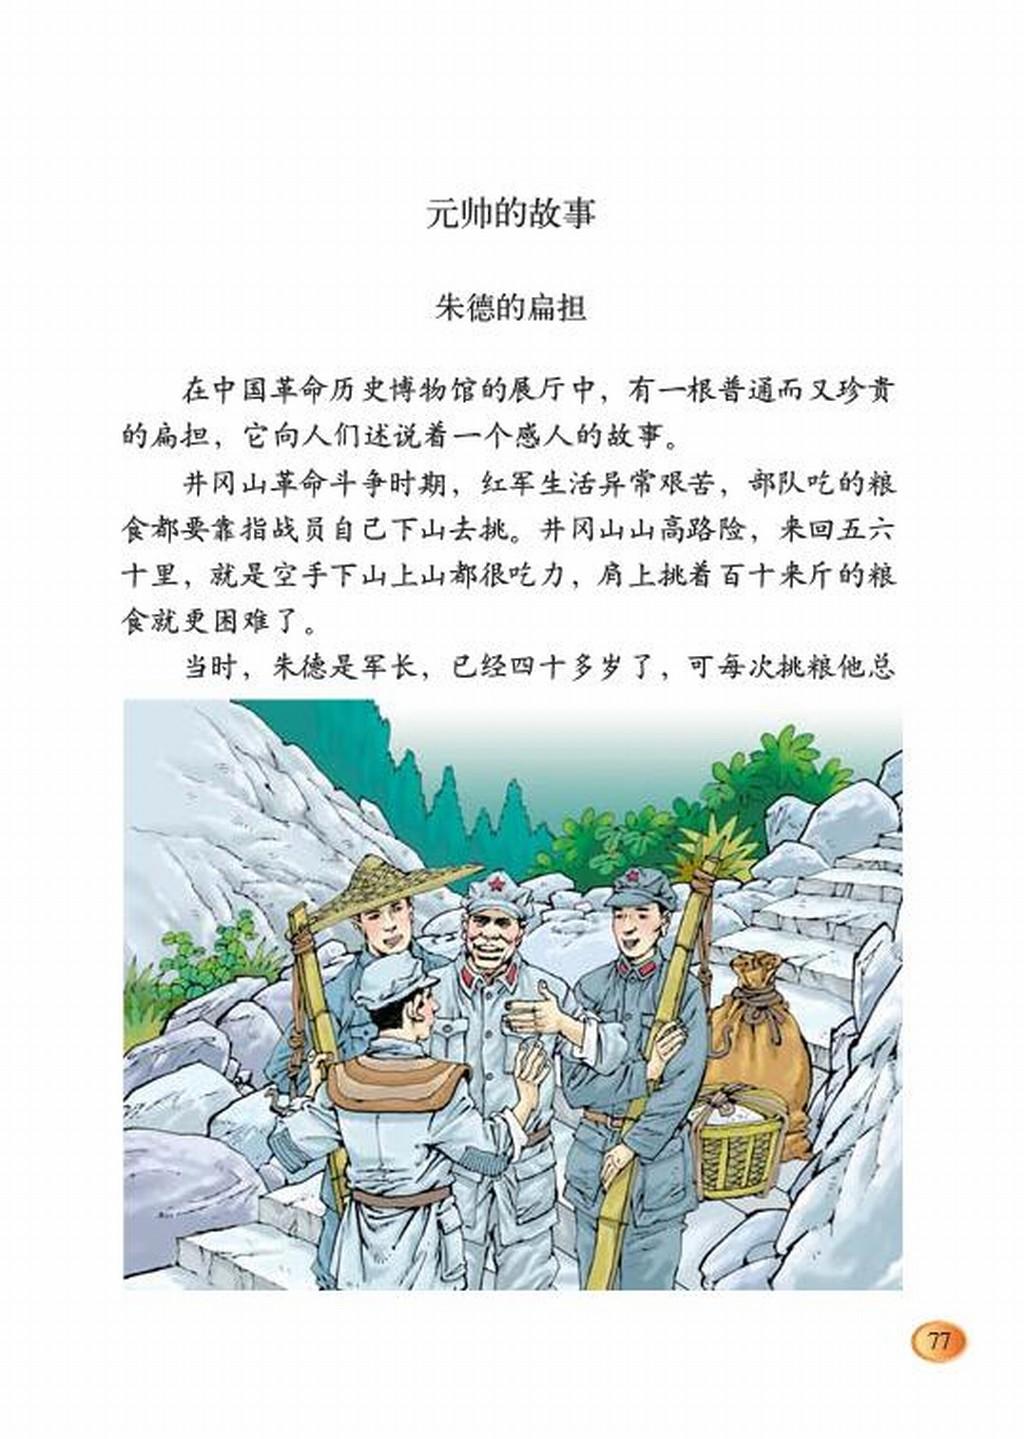 北师大版三年级语文下册第7单元 尊重与平等